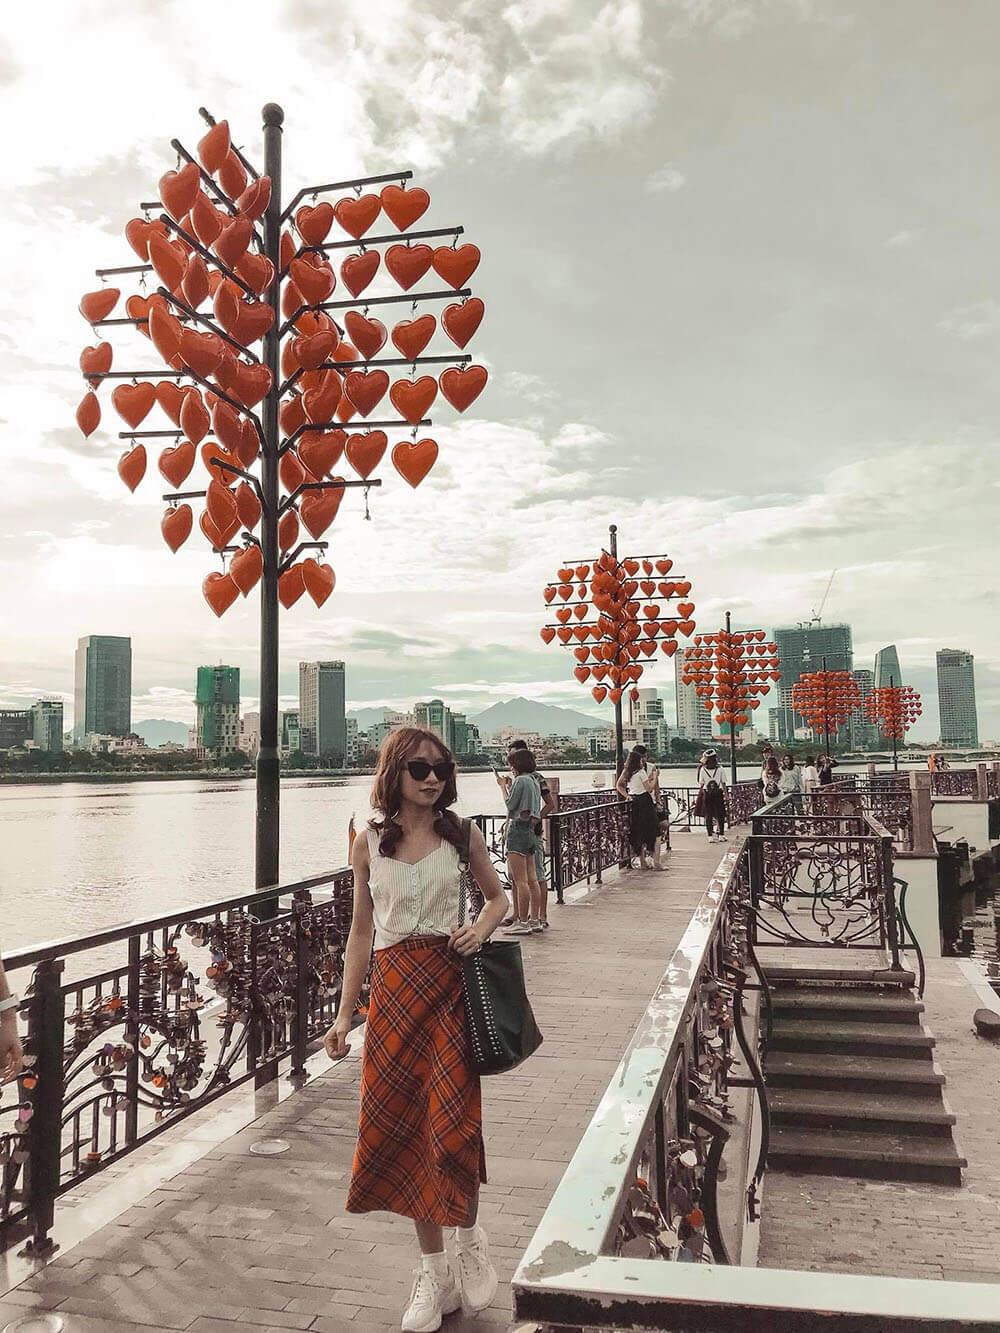 Review Chuyen Du Lich Hoi An Da Nang Cua 02 Co Ban Than Cau Tinh Yeu Danang Fantasticity 03